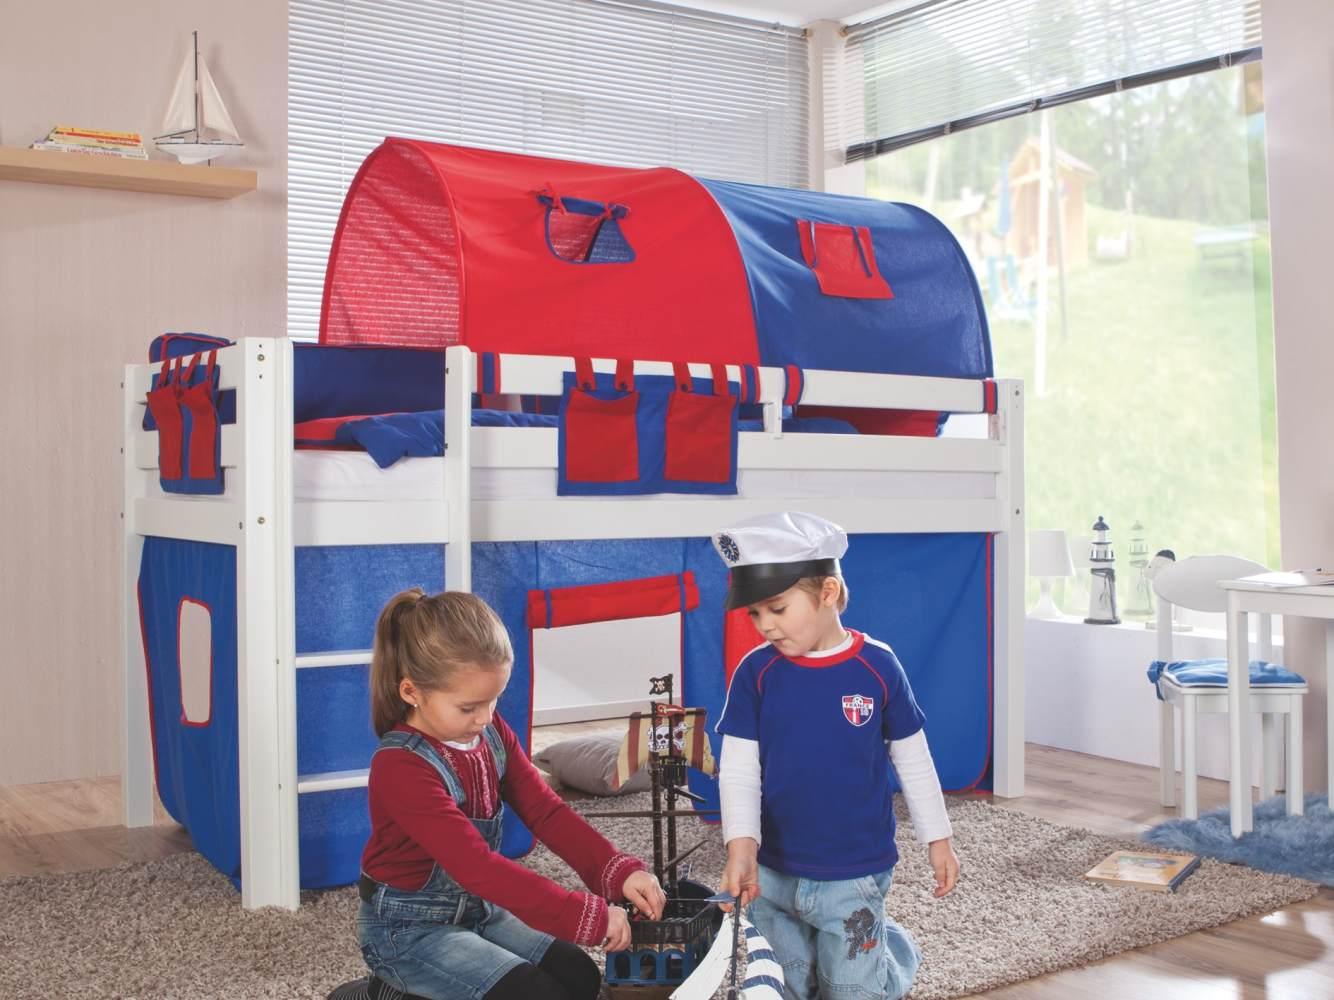 Relita Halbhohes Spielbett ALEX Buche massiv weiß lackiert mit Stoffset blau/rot Bild 1